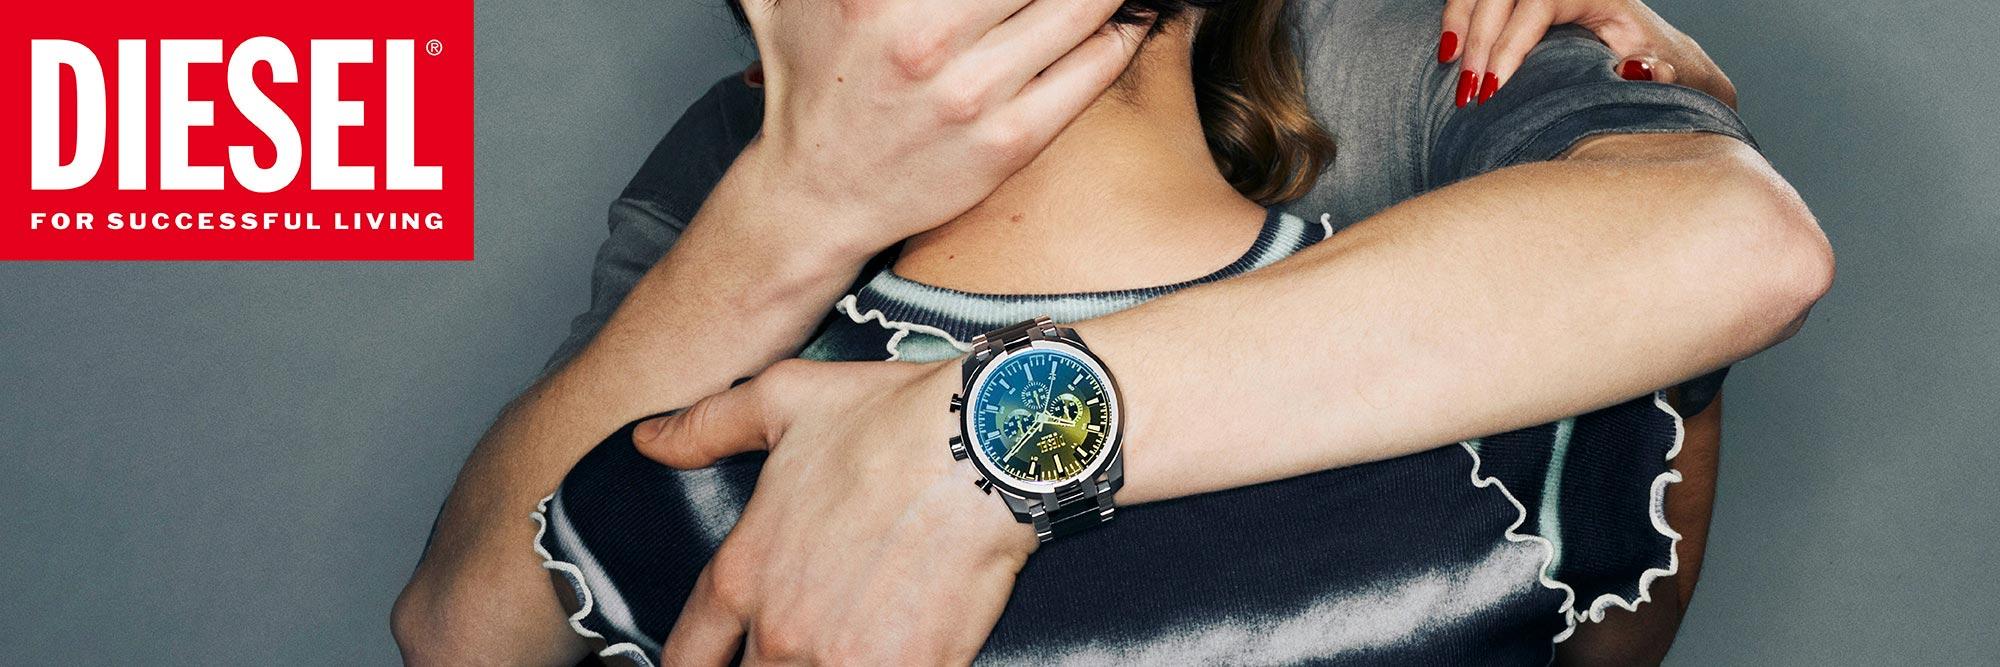 Diesel ure til mænd - Se det gode udvalg her!